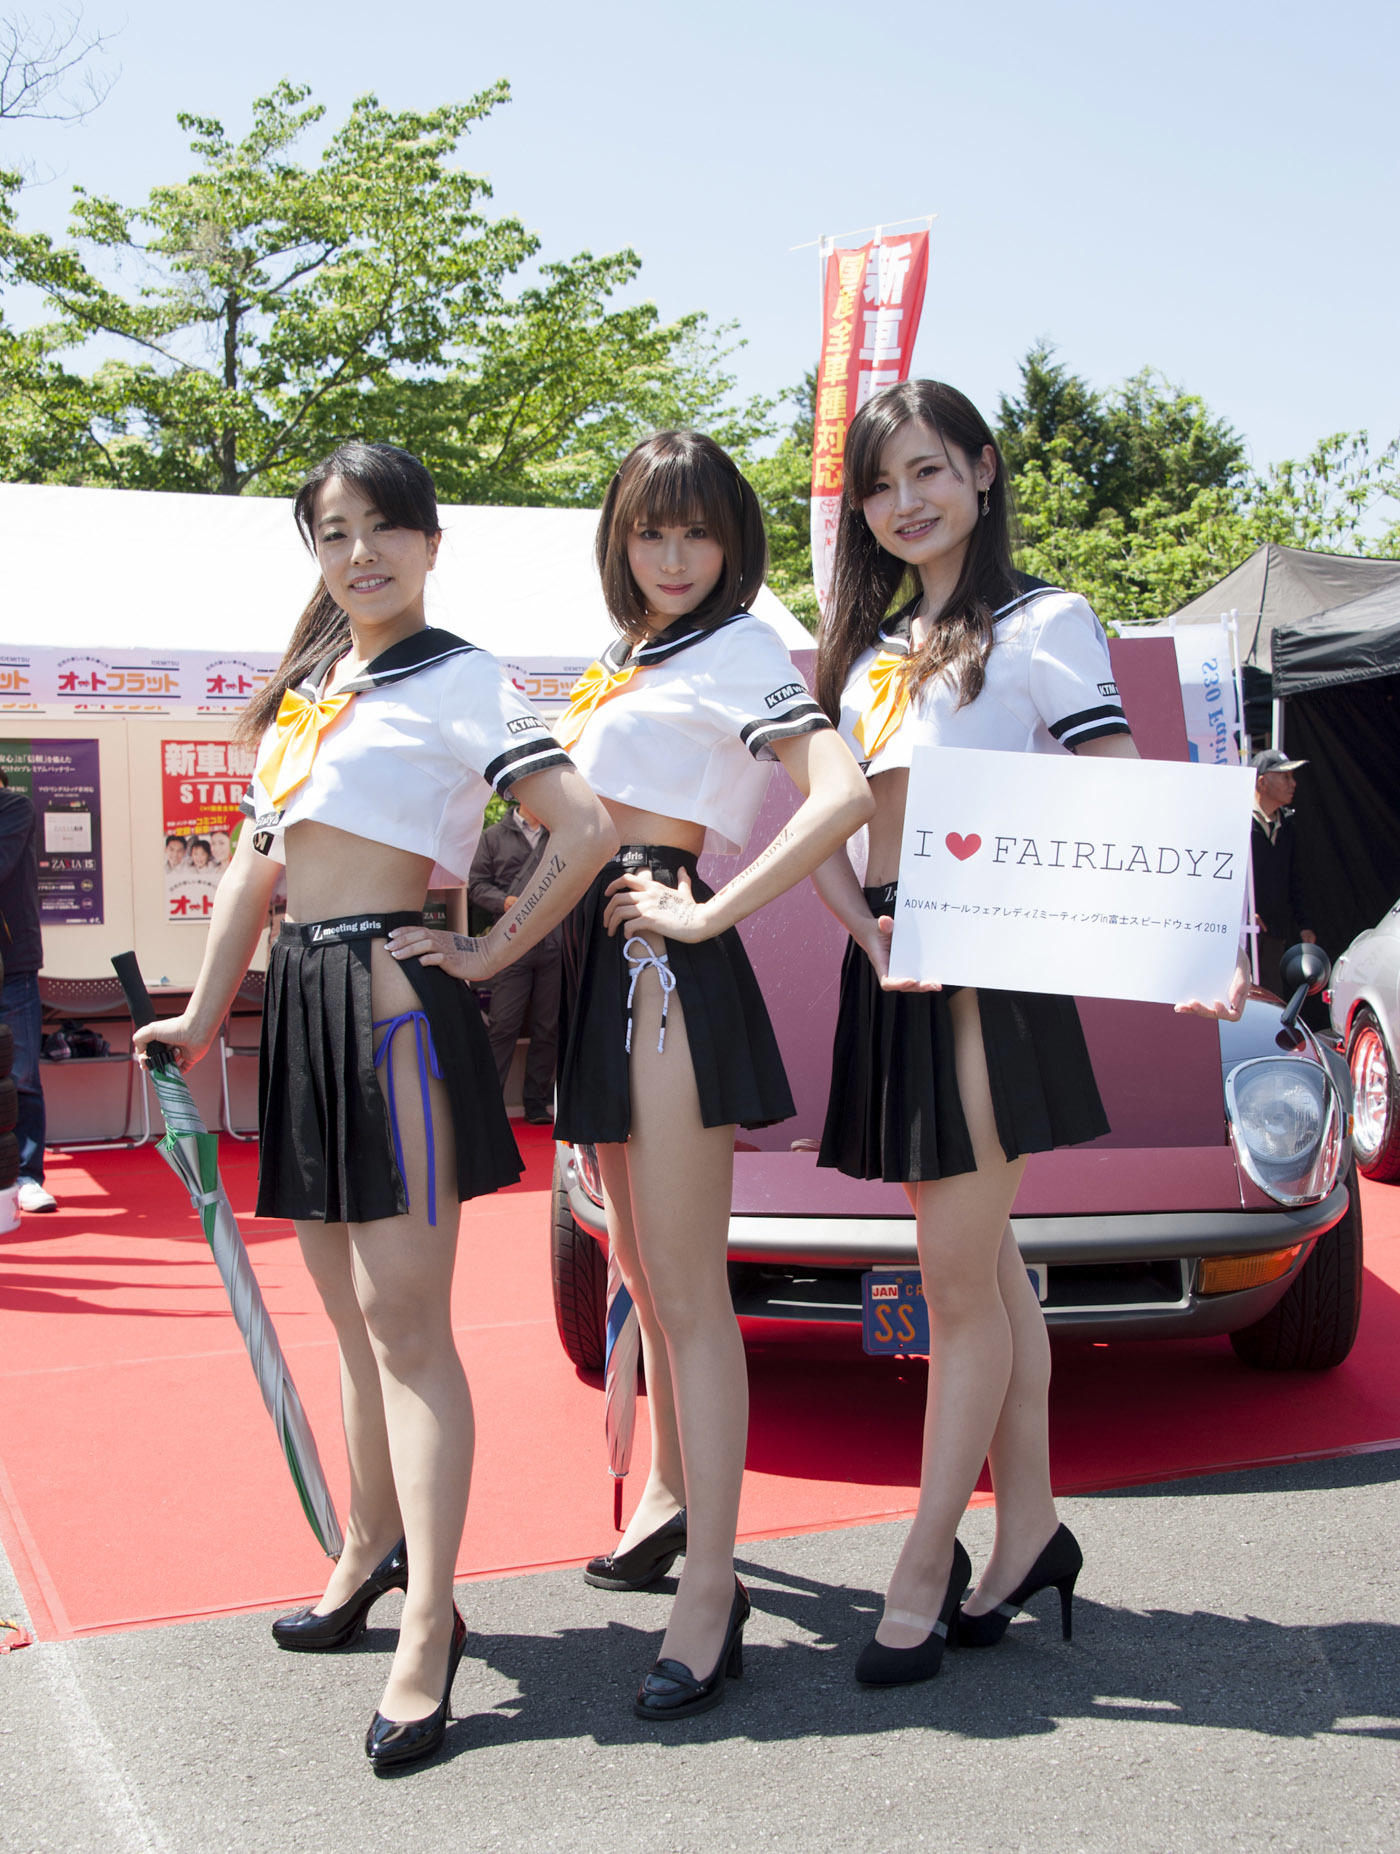 イベントコンパニオン「Zミーティングガールズ」の皆さんもイベントを盛り上げてくれた。(写真右)和輝、(中)羽生ゆか、(写真左)八重子